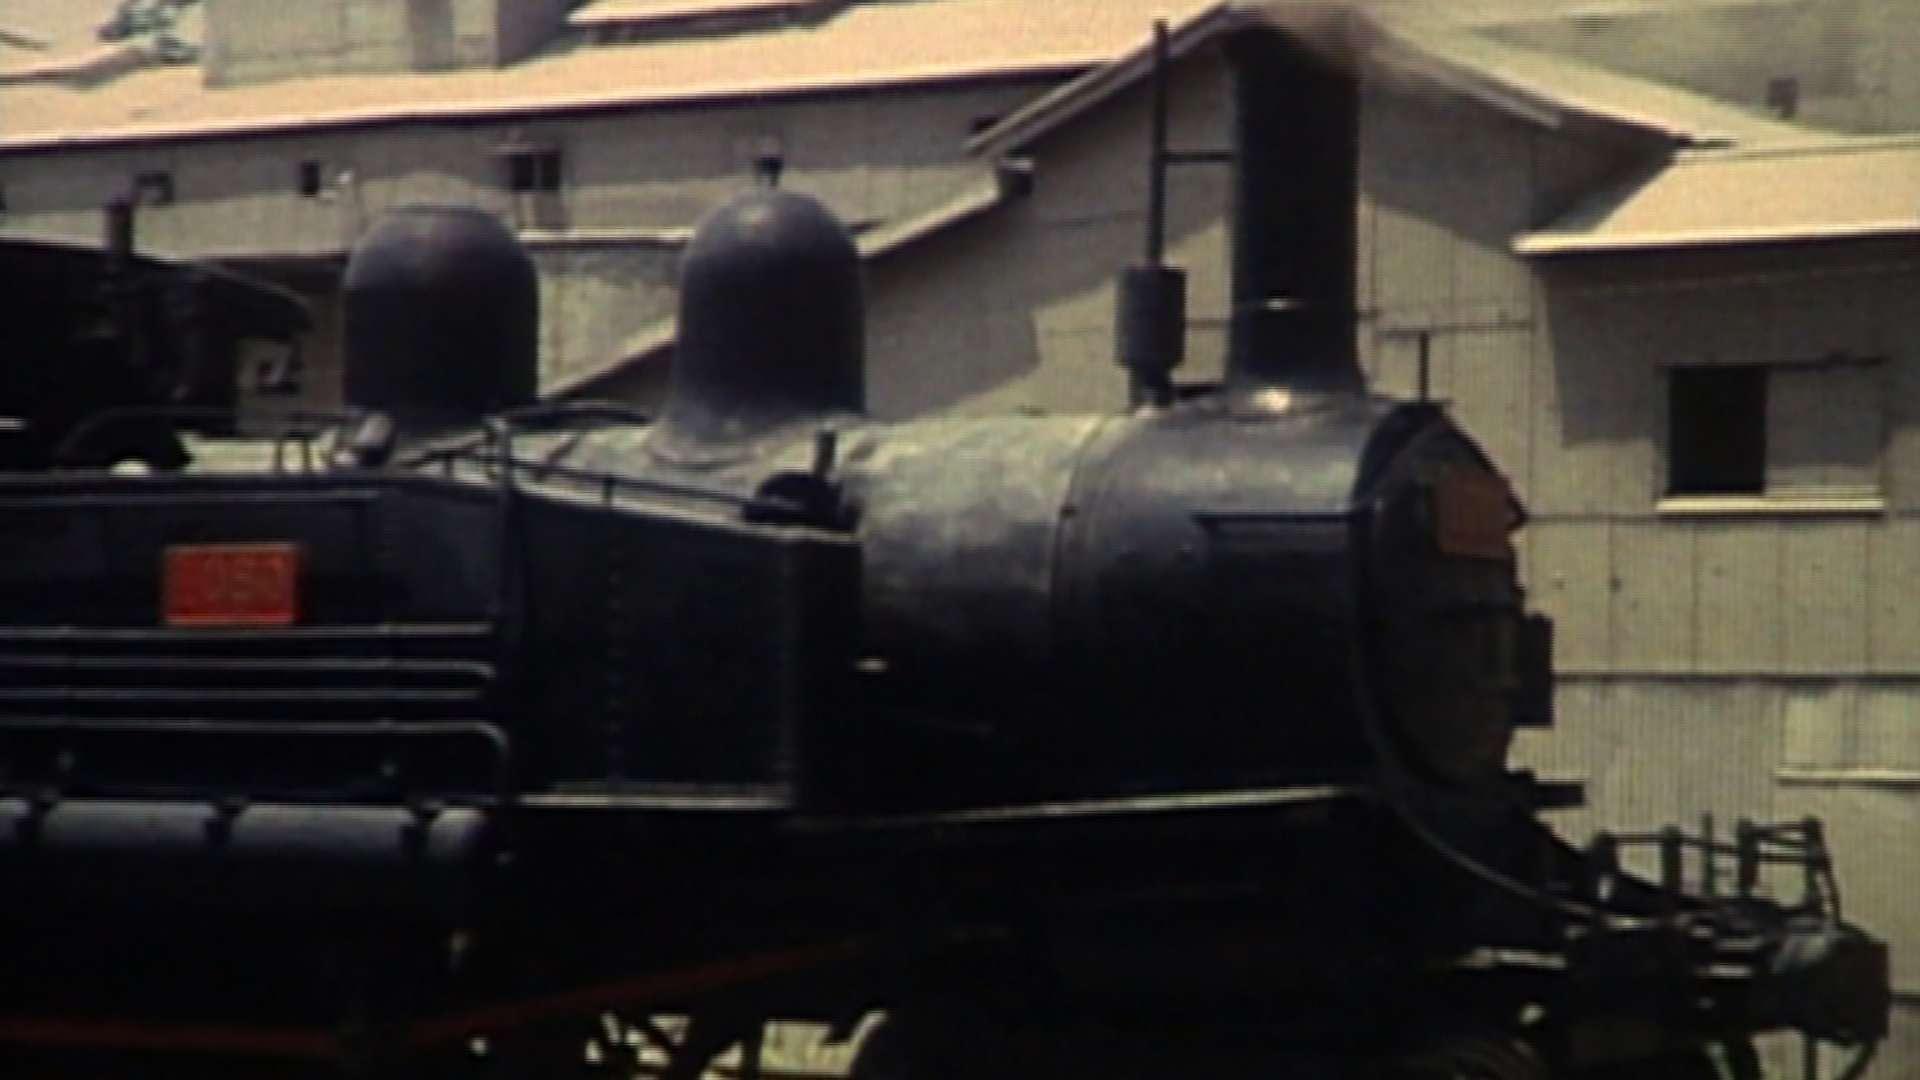 鉄道の記憶・萩原政男8mmフィルムアーカイヴスⅡ ~あの町、この村、日本の鉄道風景~